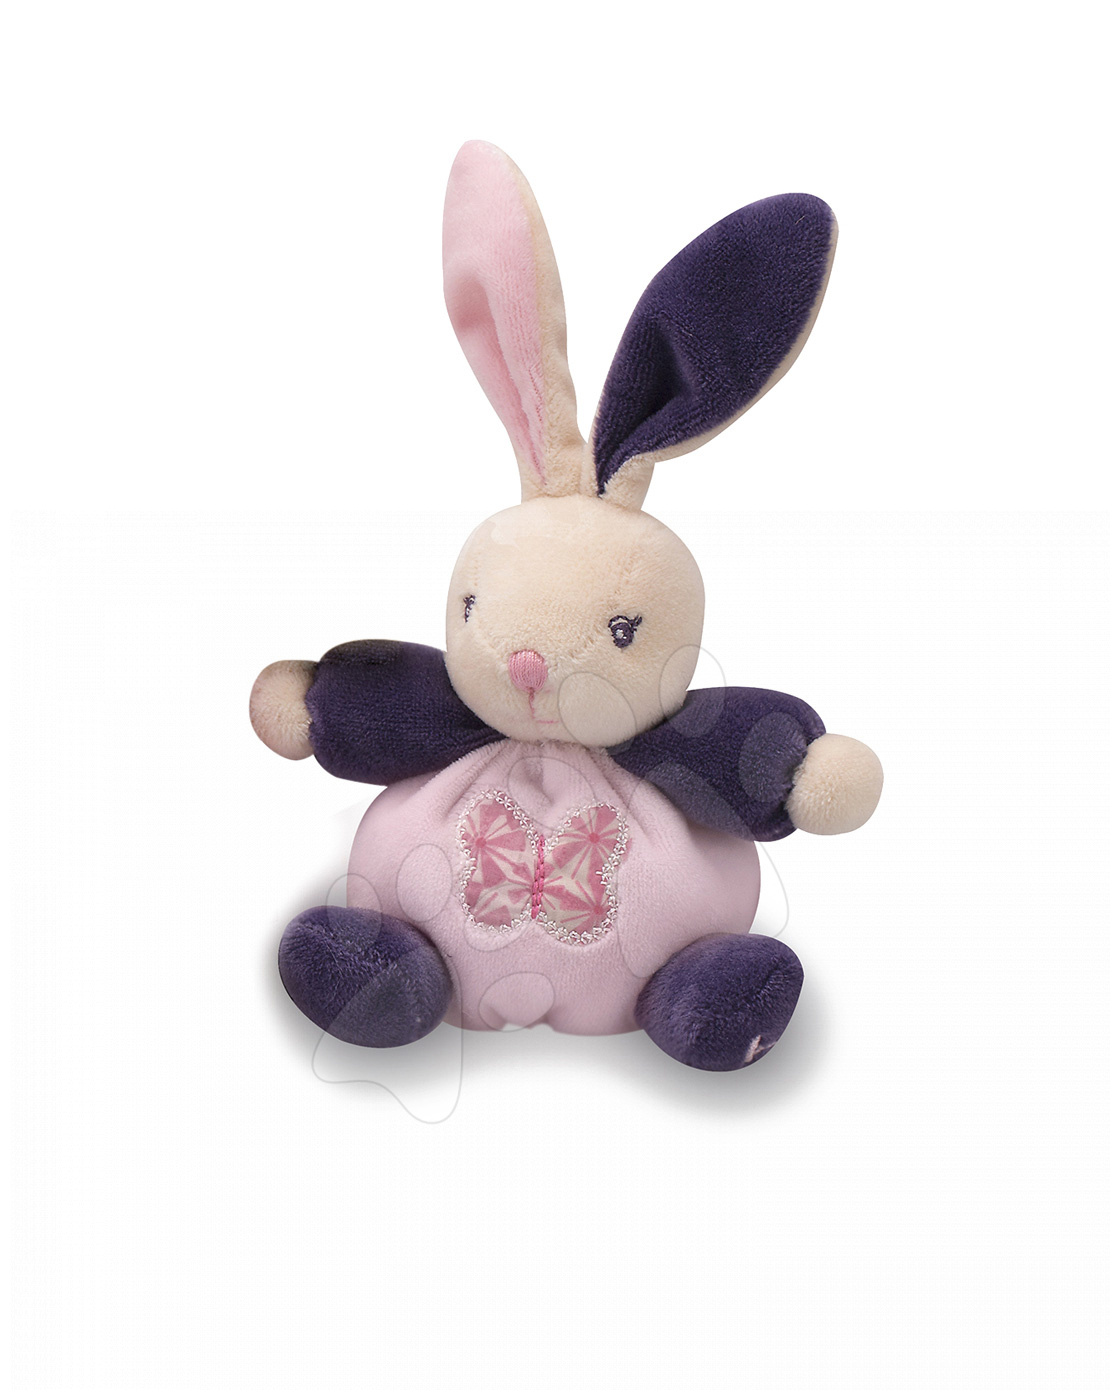 Plyšový králíček Petite Rose-Mini Chubbies Kaloo 12 cm pro nejmenší